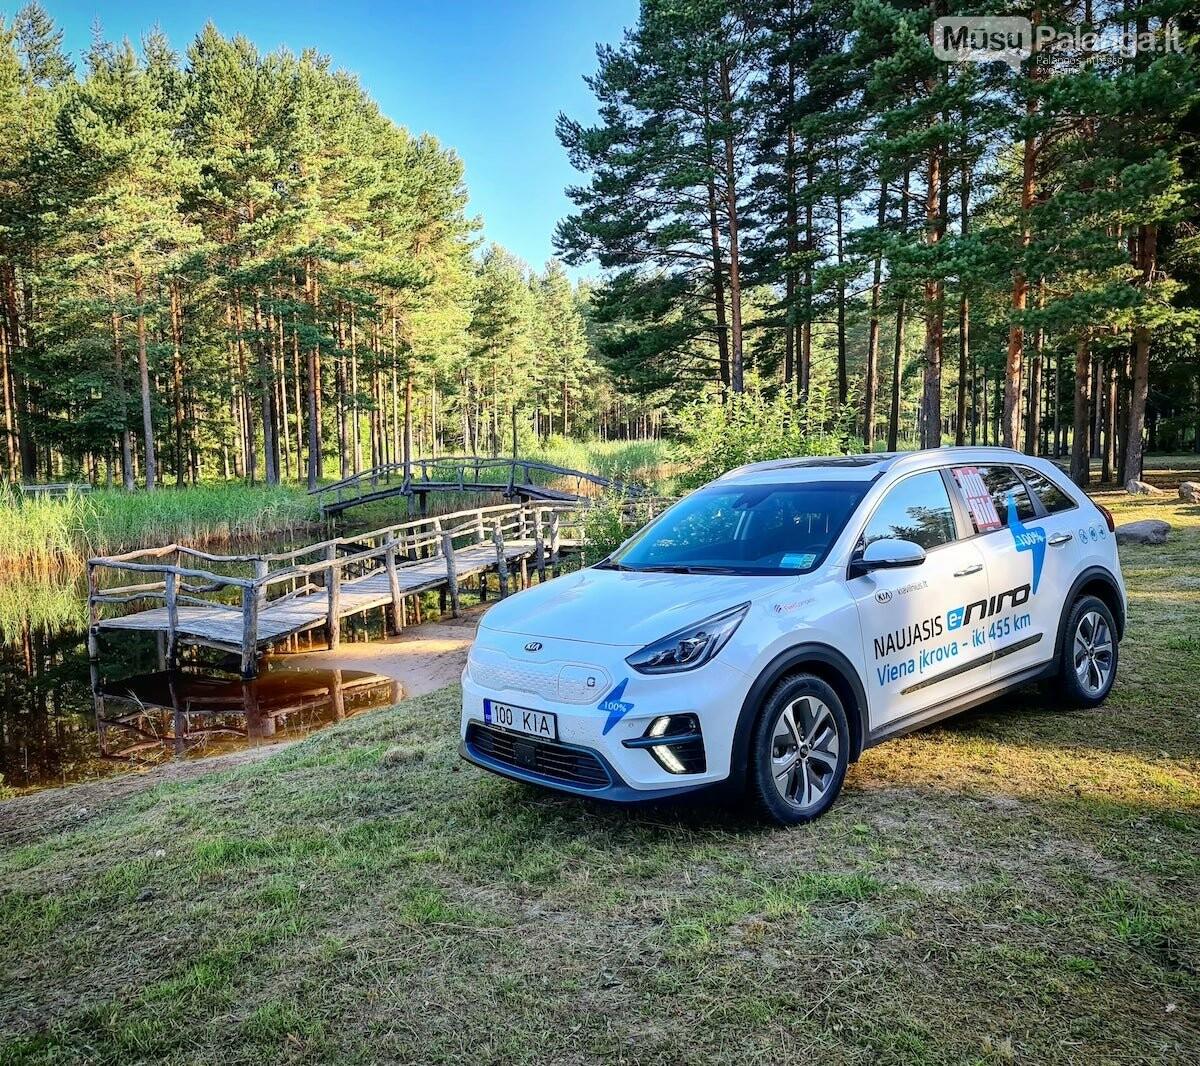 Naujas rekordas: elektromobiliu aplink Lietuvą per 22 valandas, nuotrauka-10, Vytauto PILKAUSKO ir rekordo autorių nuotr.